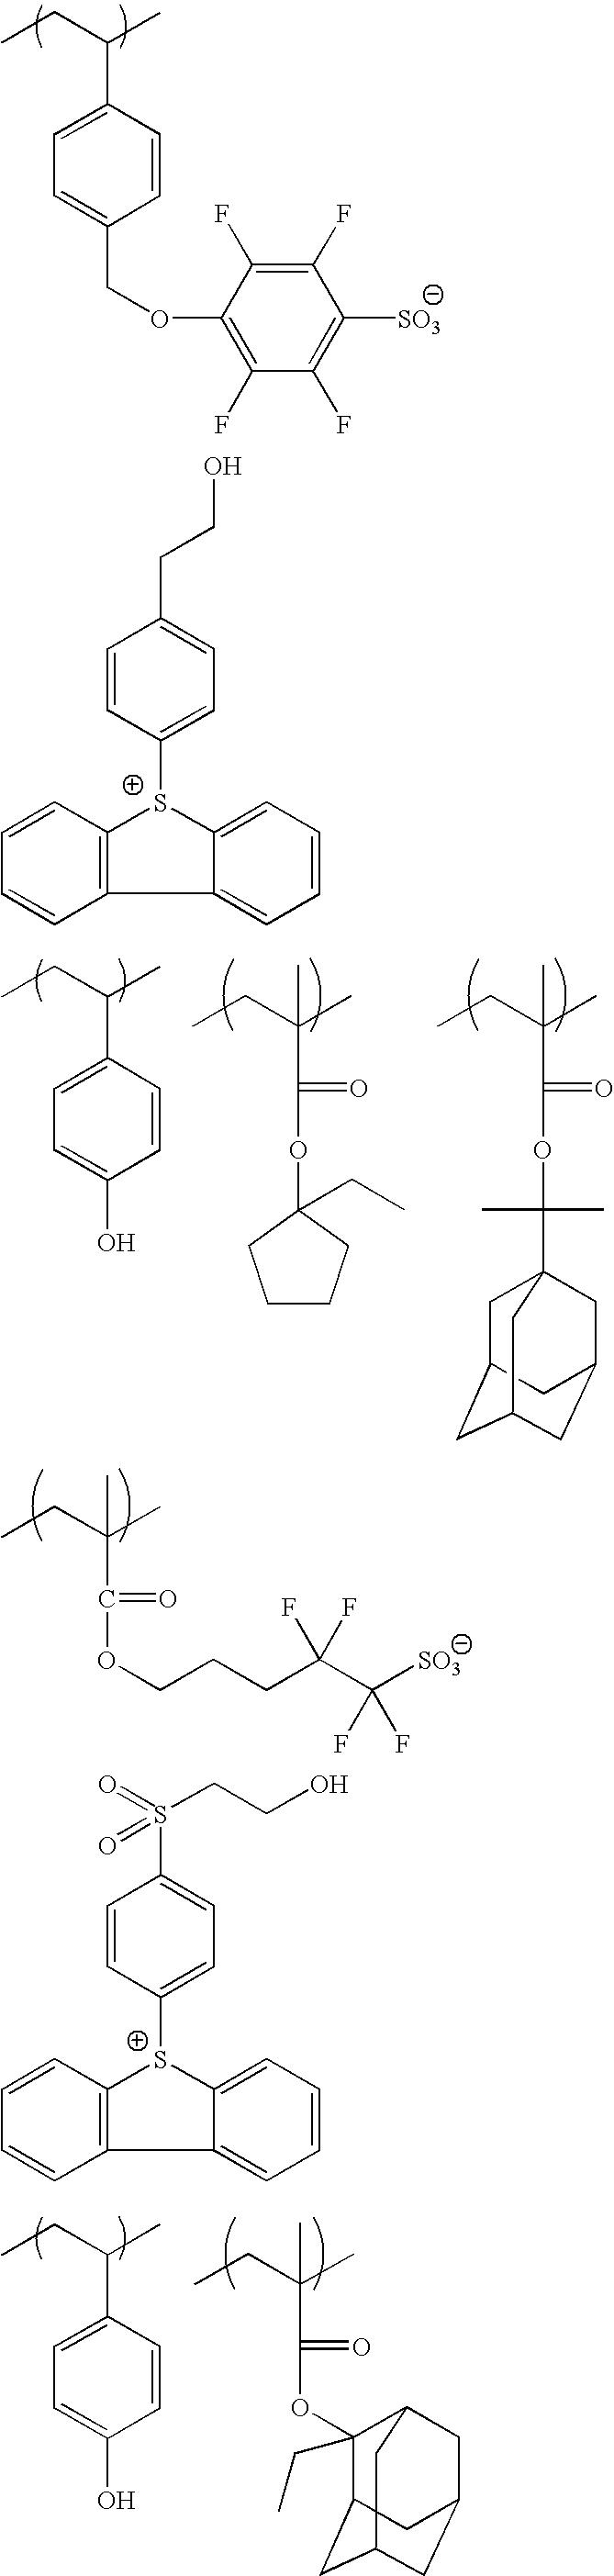 Figure US20100183975A1-20100722-C00202